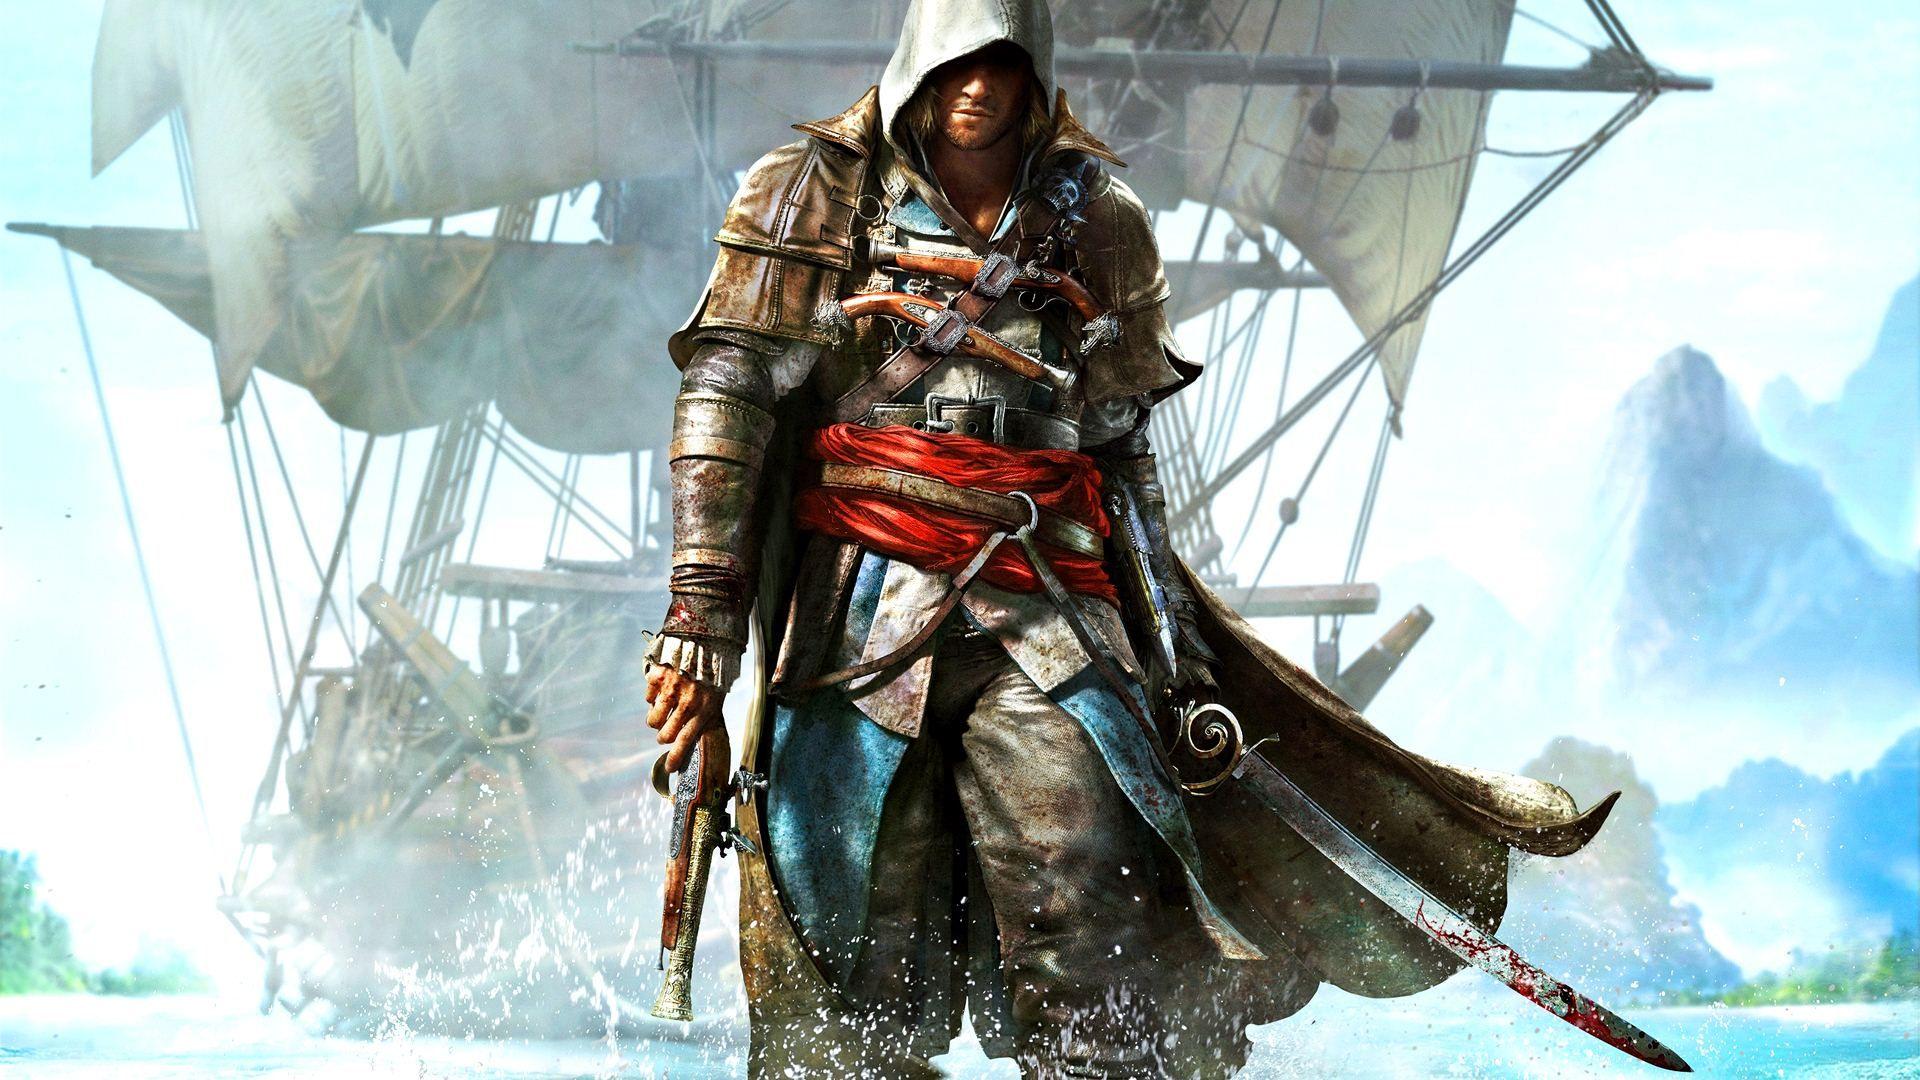 Assassins Creed Unity Wallpaper 1080P 1511